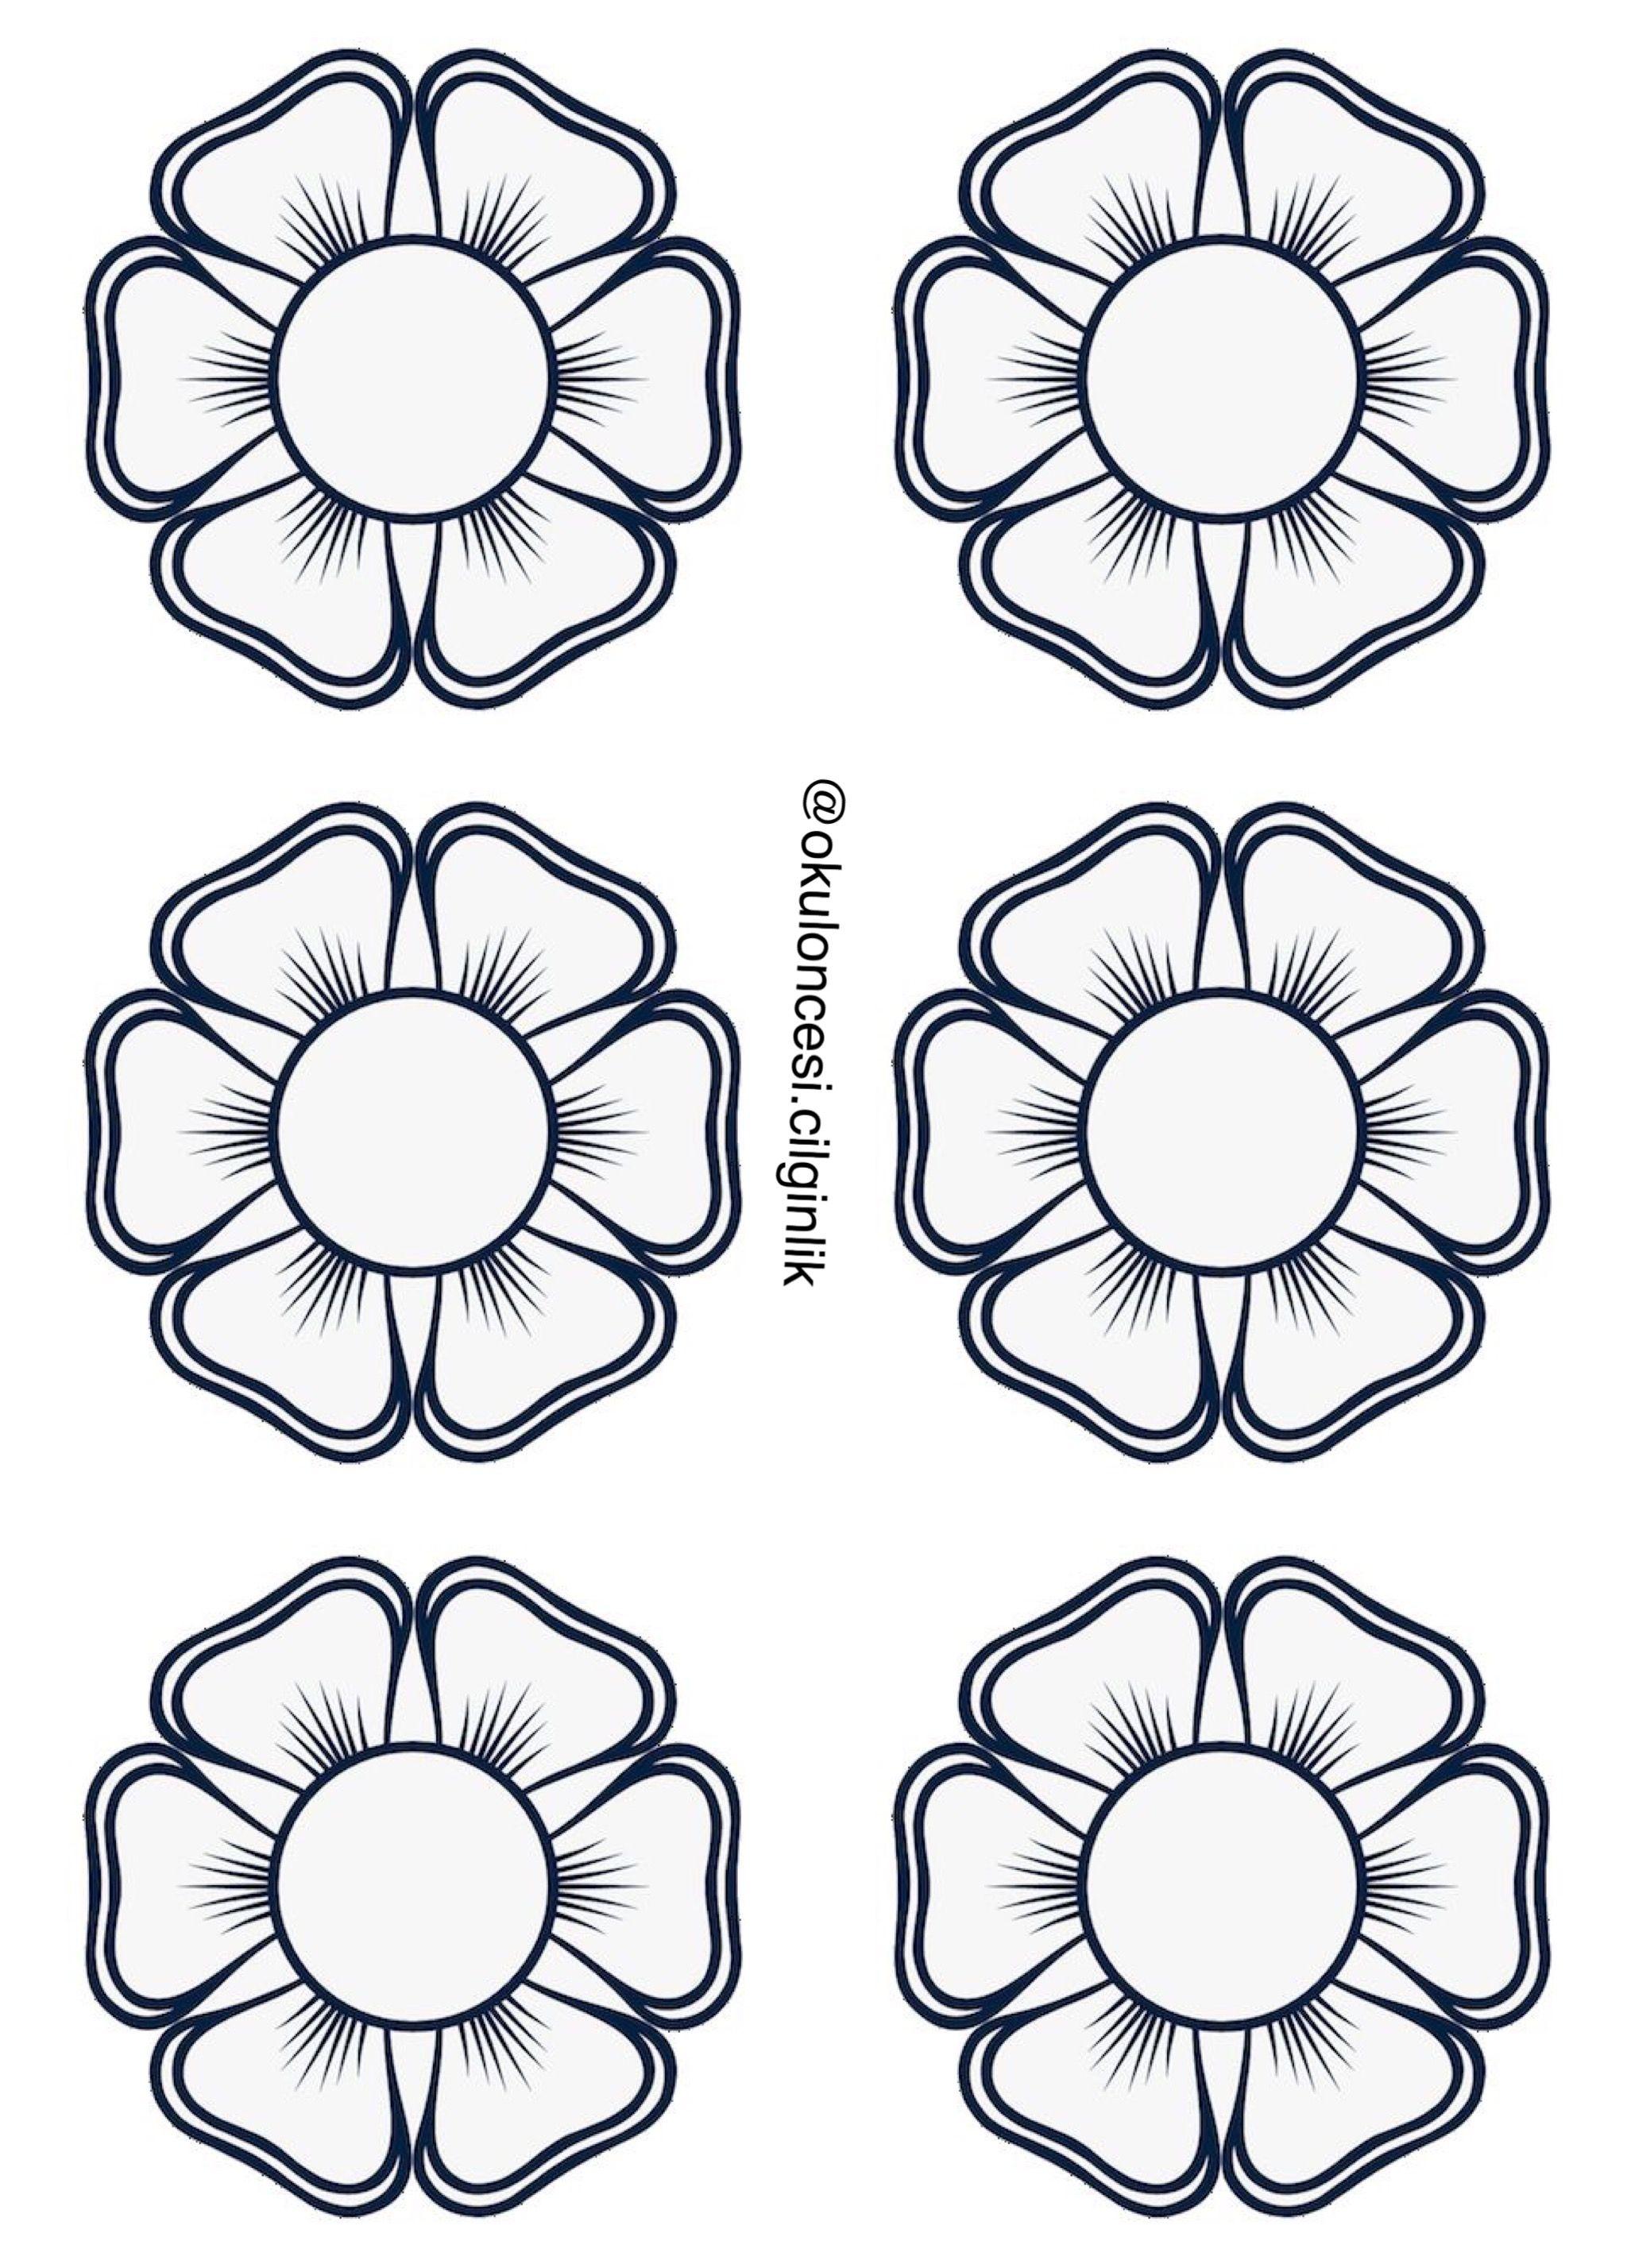 Basak Unluer Ozberk Adli Kullanicinin Florile Primăverii Panosundaki Pin Boyama Sayfalari Desenler Cicek